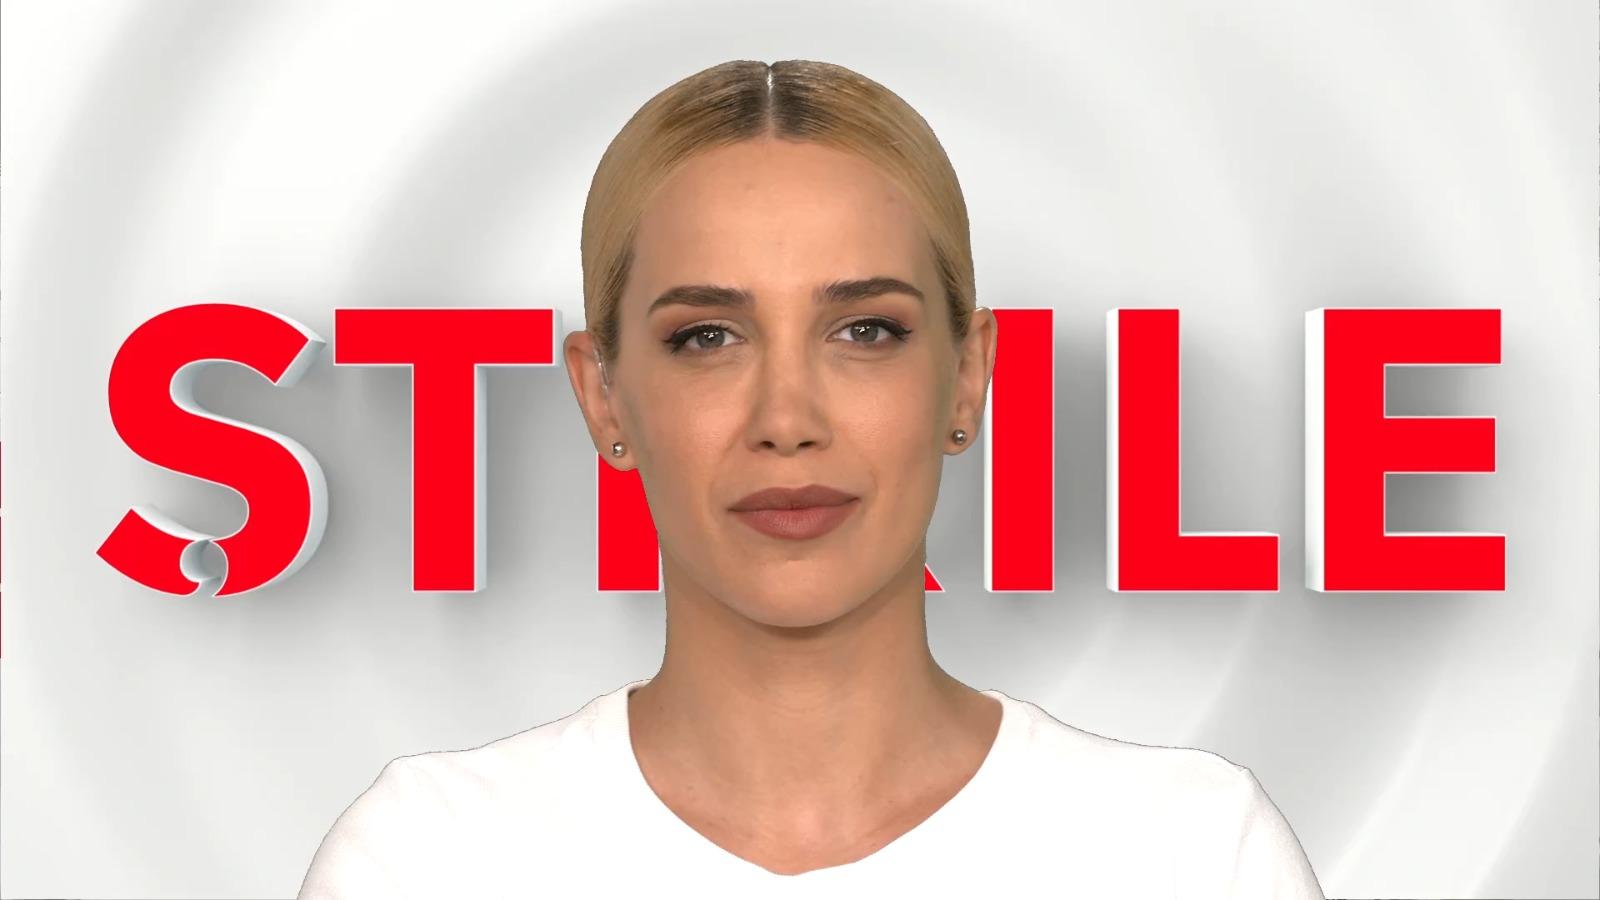 Știrile de la ora 11:00, prezentate de Ana Maria Rus, 30 iulie 2021